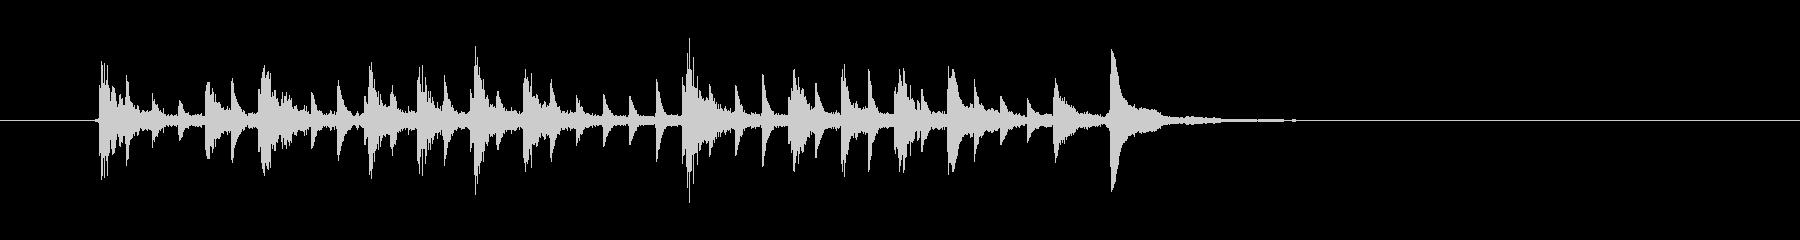 音が転がるようなシンセの曲の未再生の波形